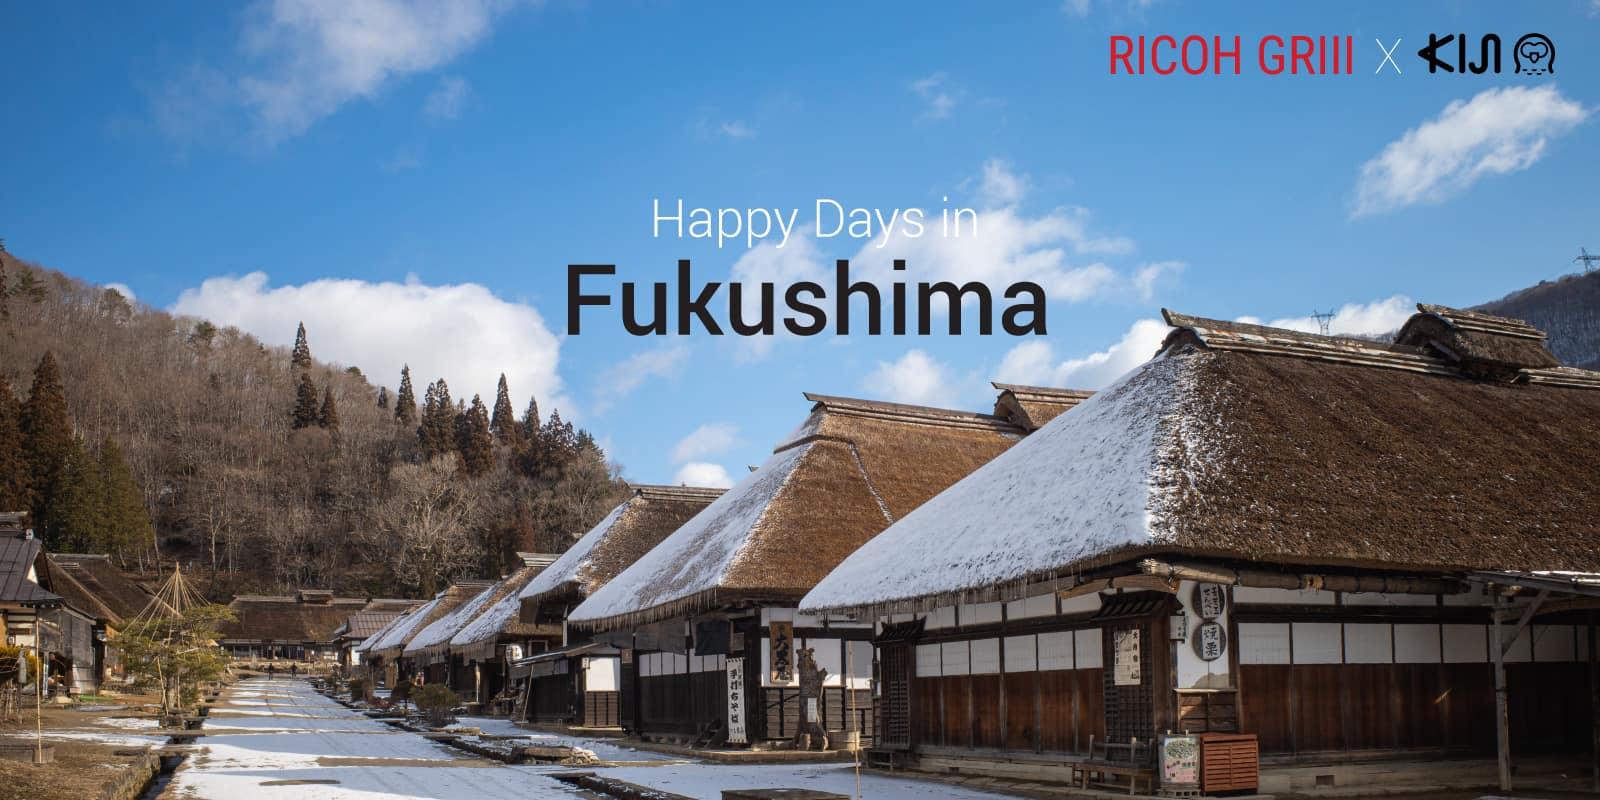 เที่ยวฟุกุชิมะ (Fukushima)